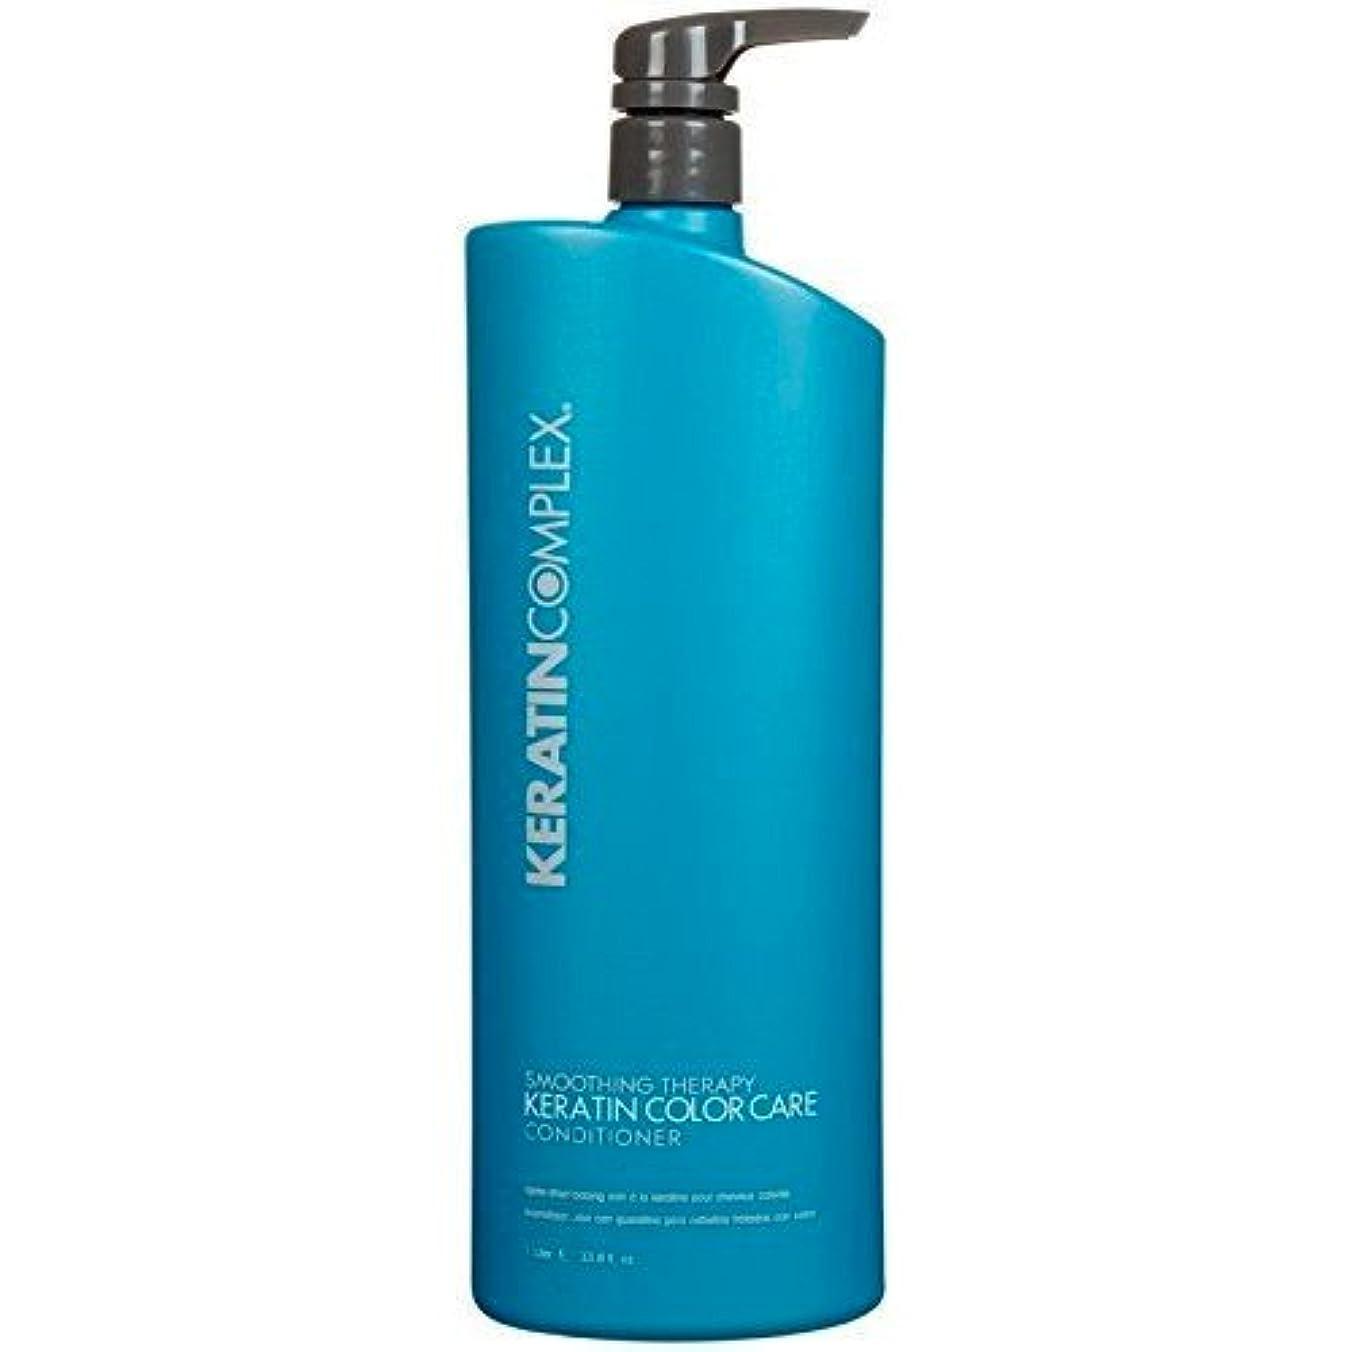 神経衰弱ブロッサム愚かケラチンコンプレックス Smoothing Therapy Keratin Color Care Conditioner (For All Hair Types) 1000ml